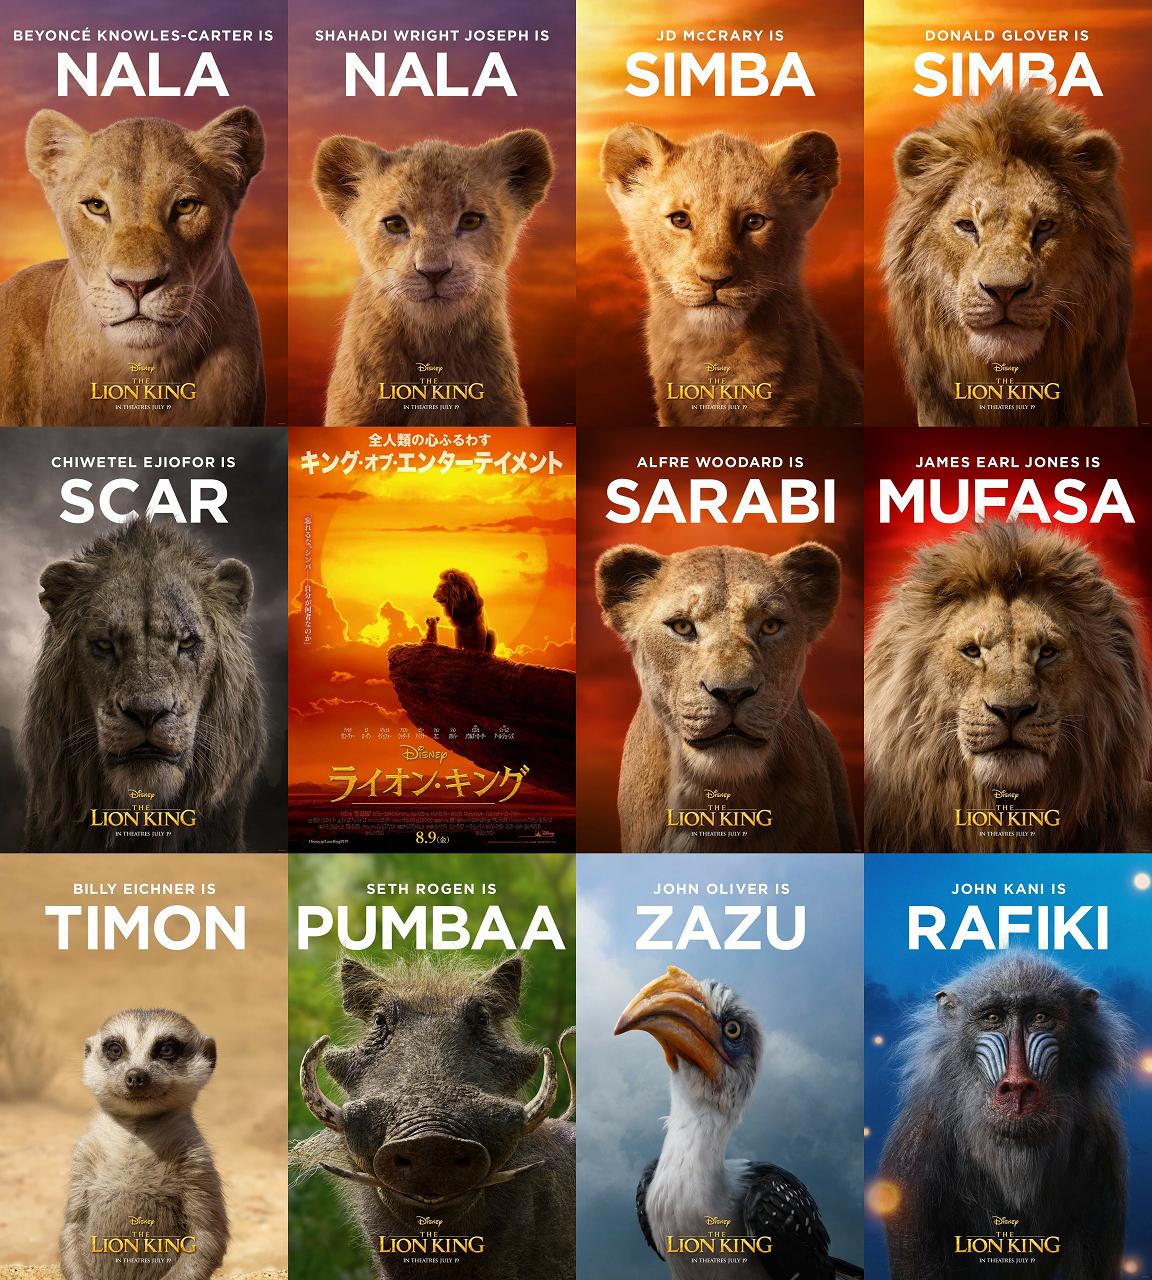 新ライオンキング主なキャラクター画像 すみれ咲く国